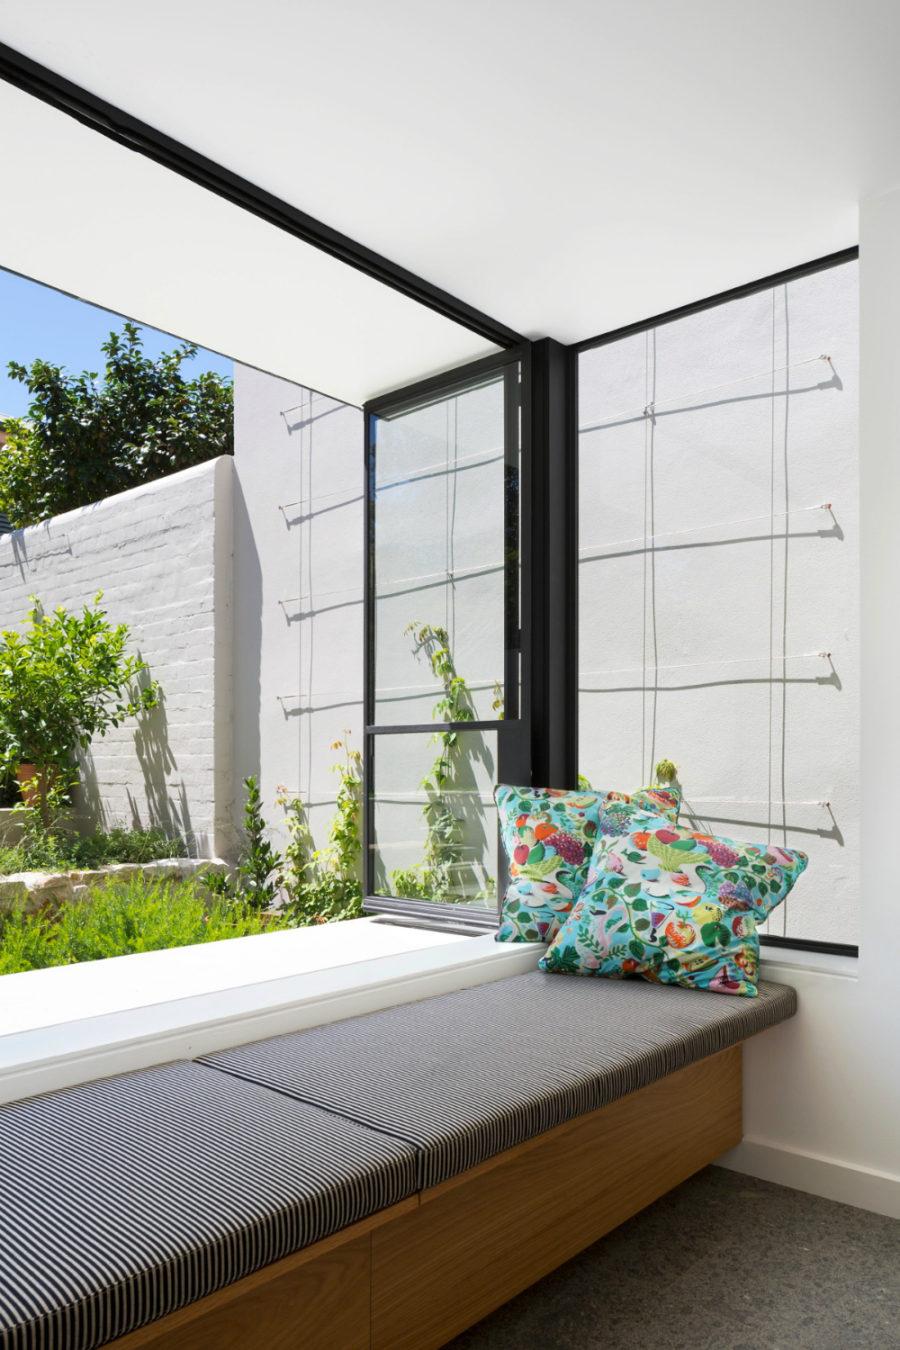 Upholstered Window Seat Dwellingdecor